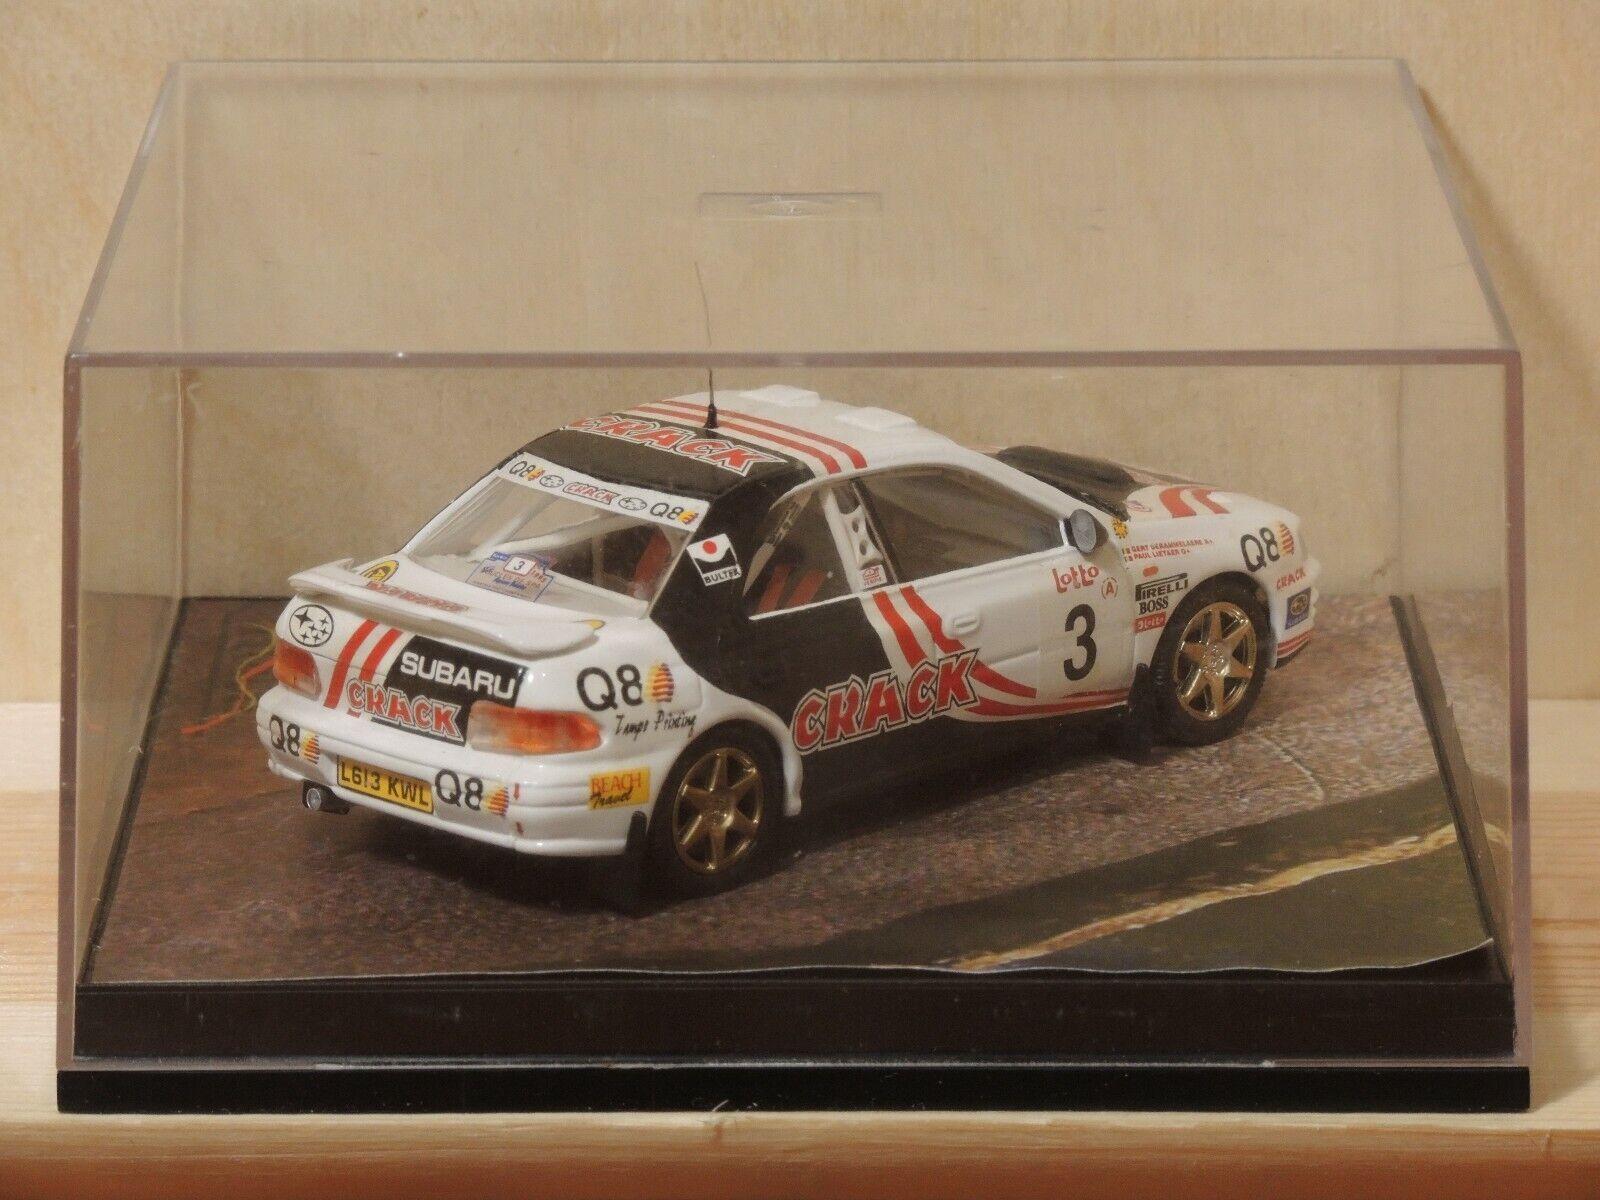 Trofeu 607 1 43 Subaru Subaru Subaru Impreza - Boucles de Spa 1995  3 - Lietaer -Derammelaere ef49c1